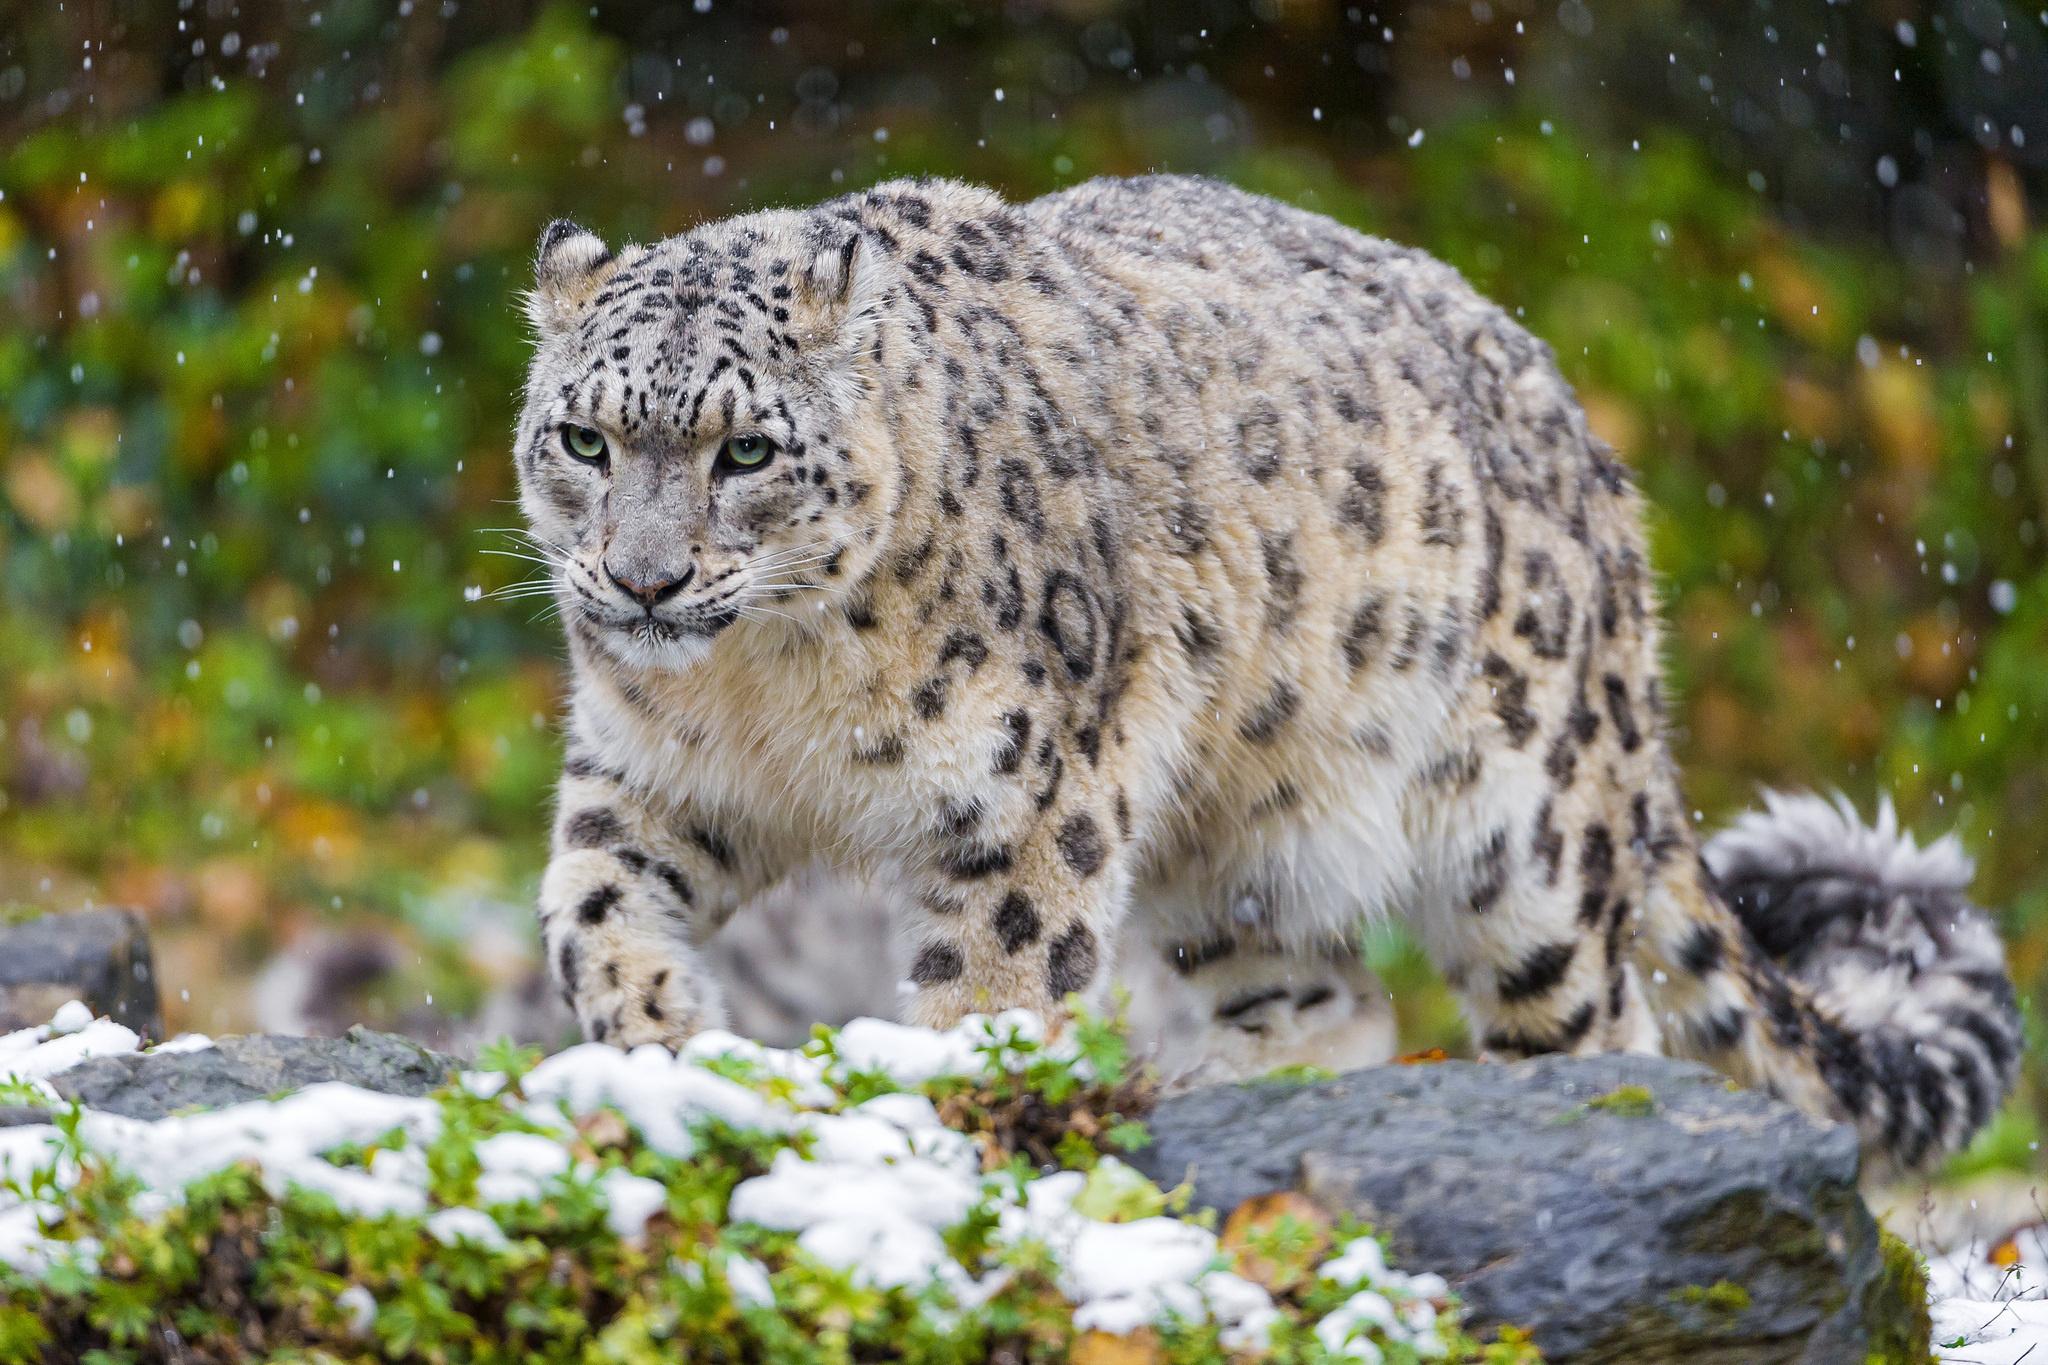 зависти только самые красивые фото животных с названиями для